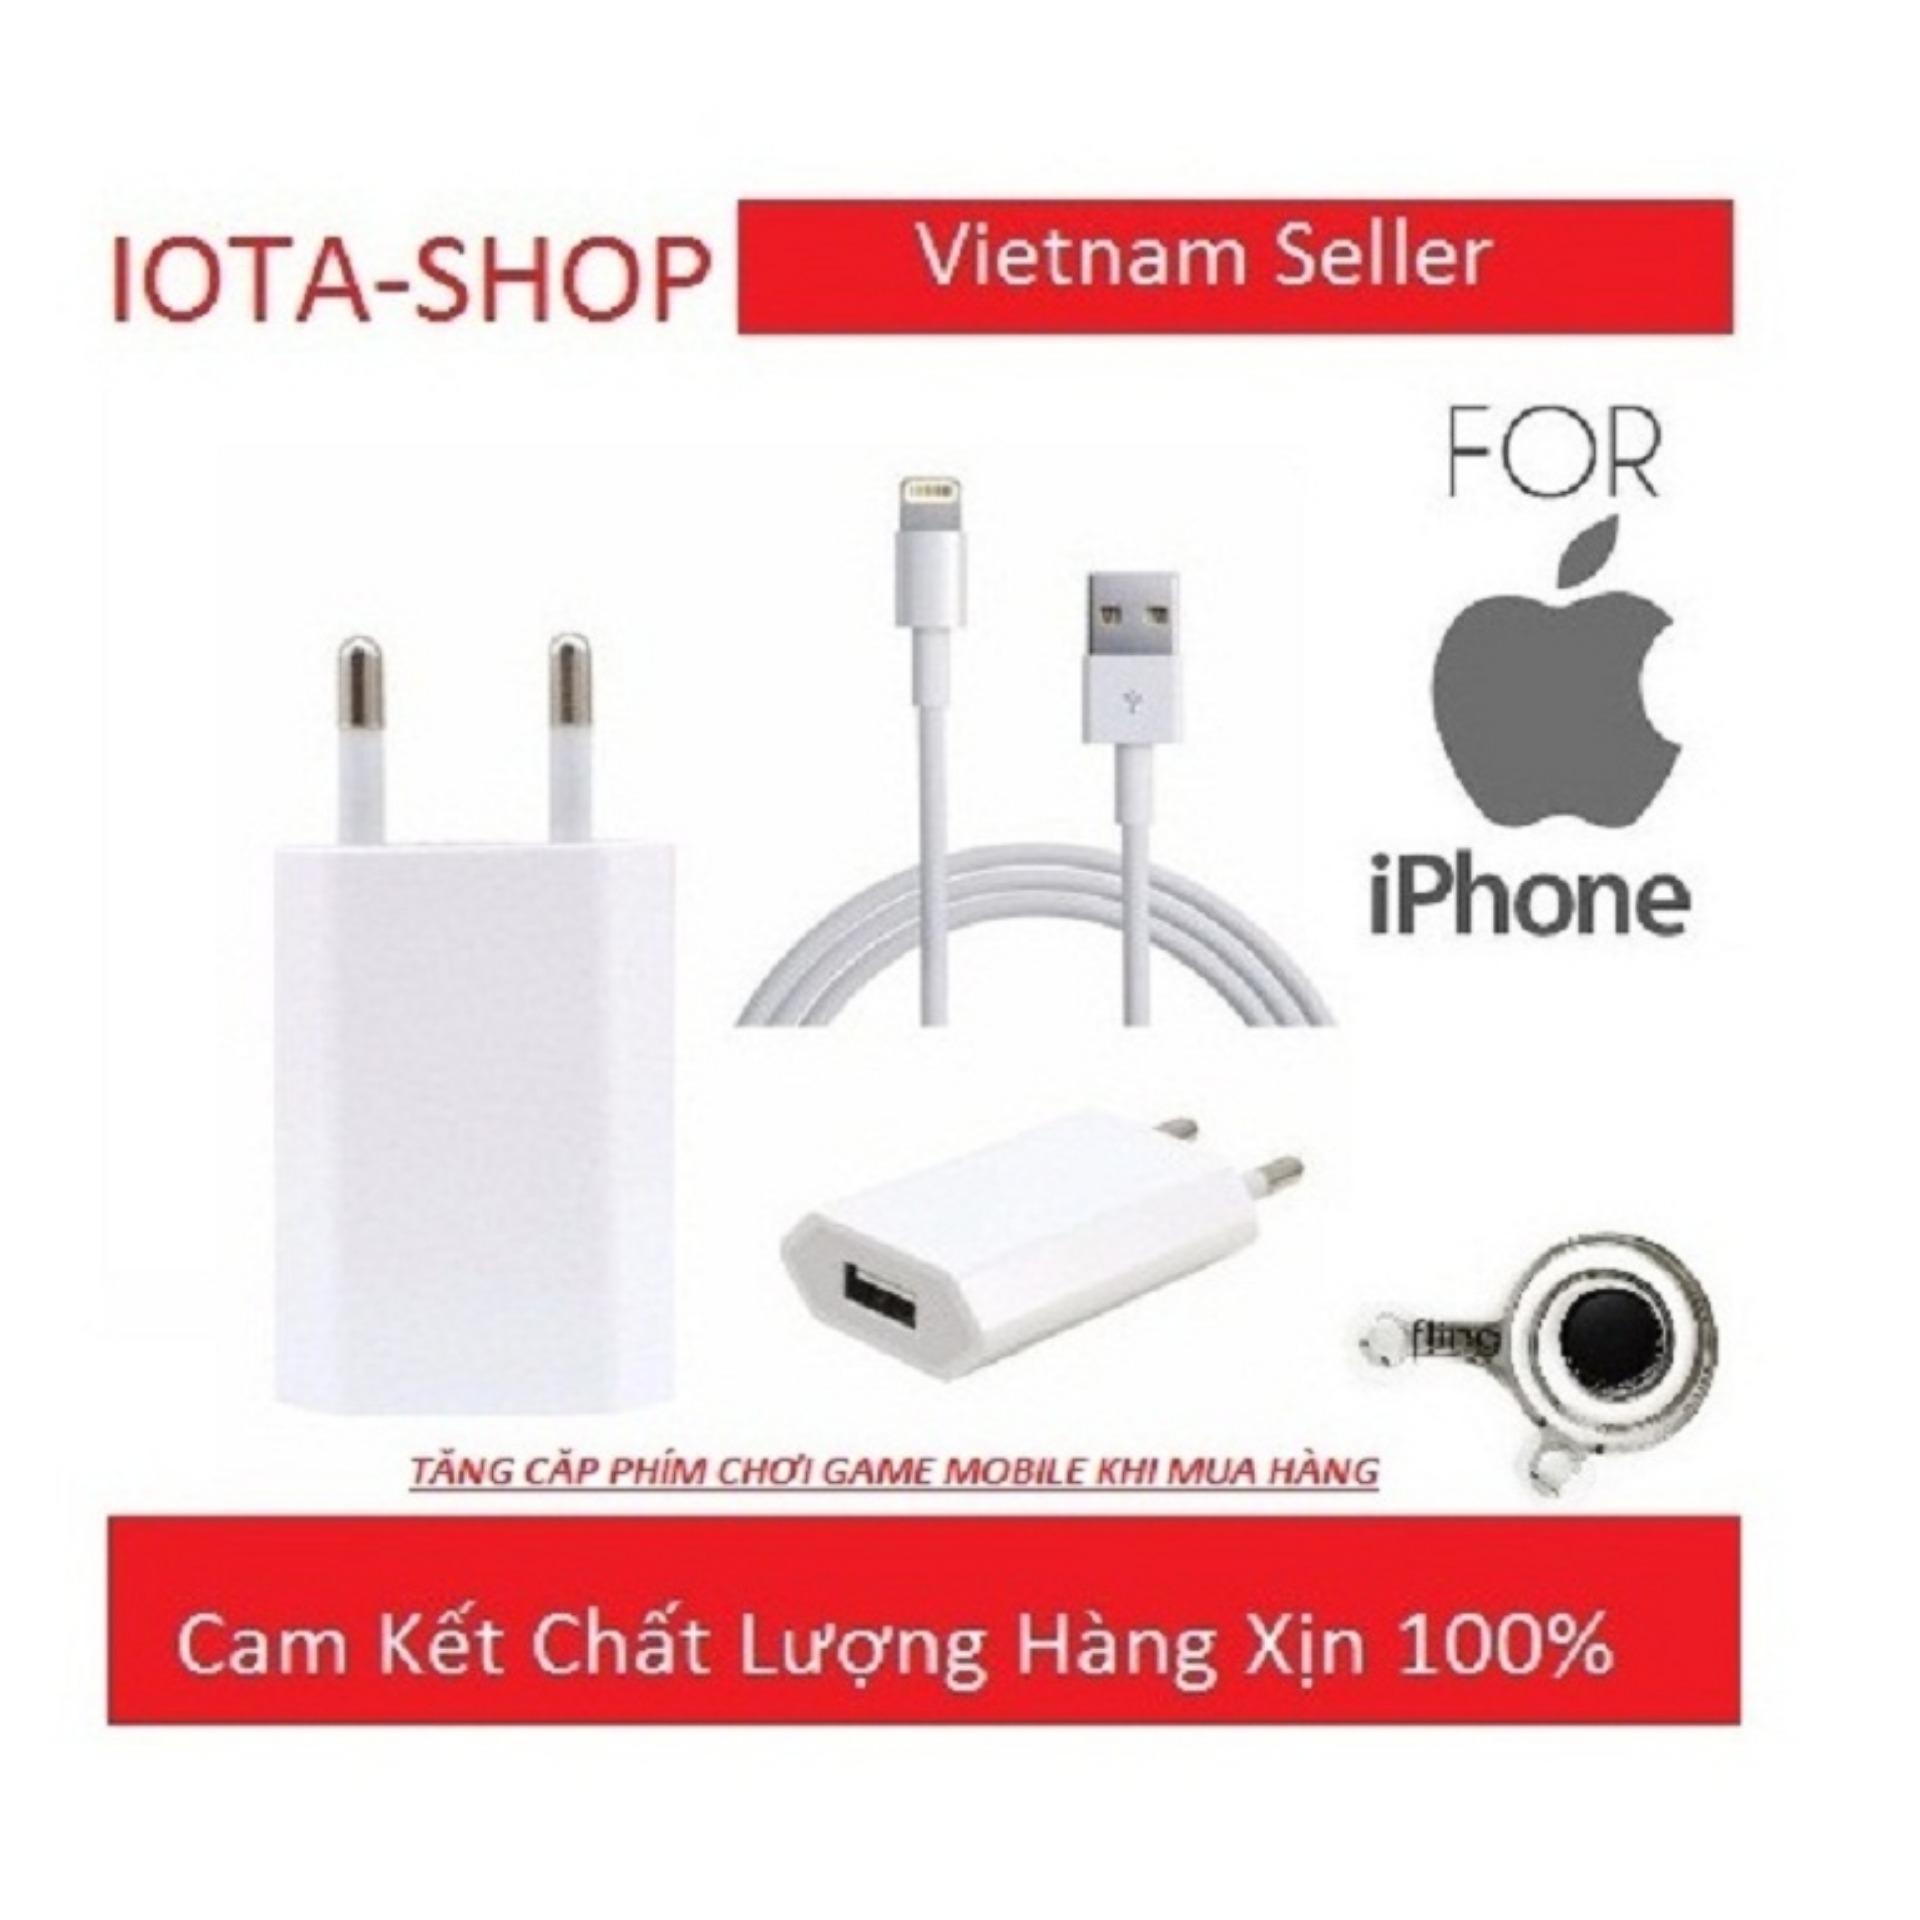 Giá Bán Bộ Cốc Va Cap Sạc Dẹt Zin Theo May Iphone 6 7 6 7Plus Apple Nguyên